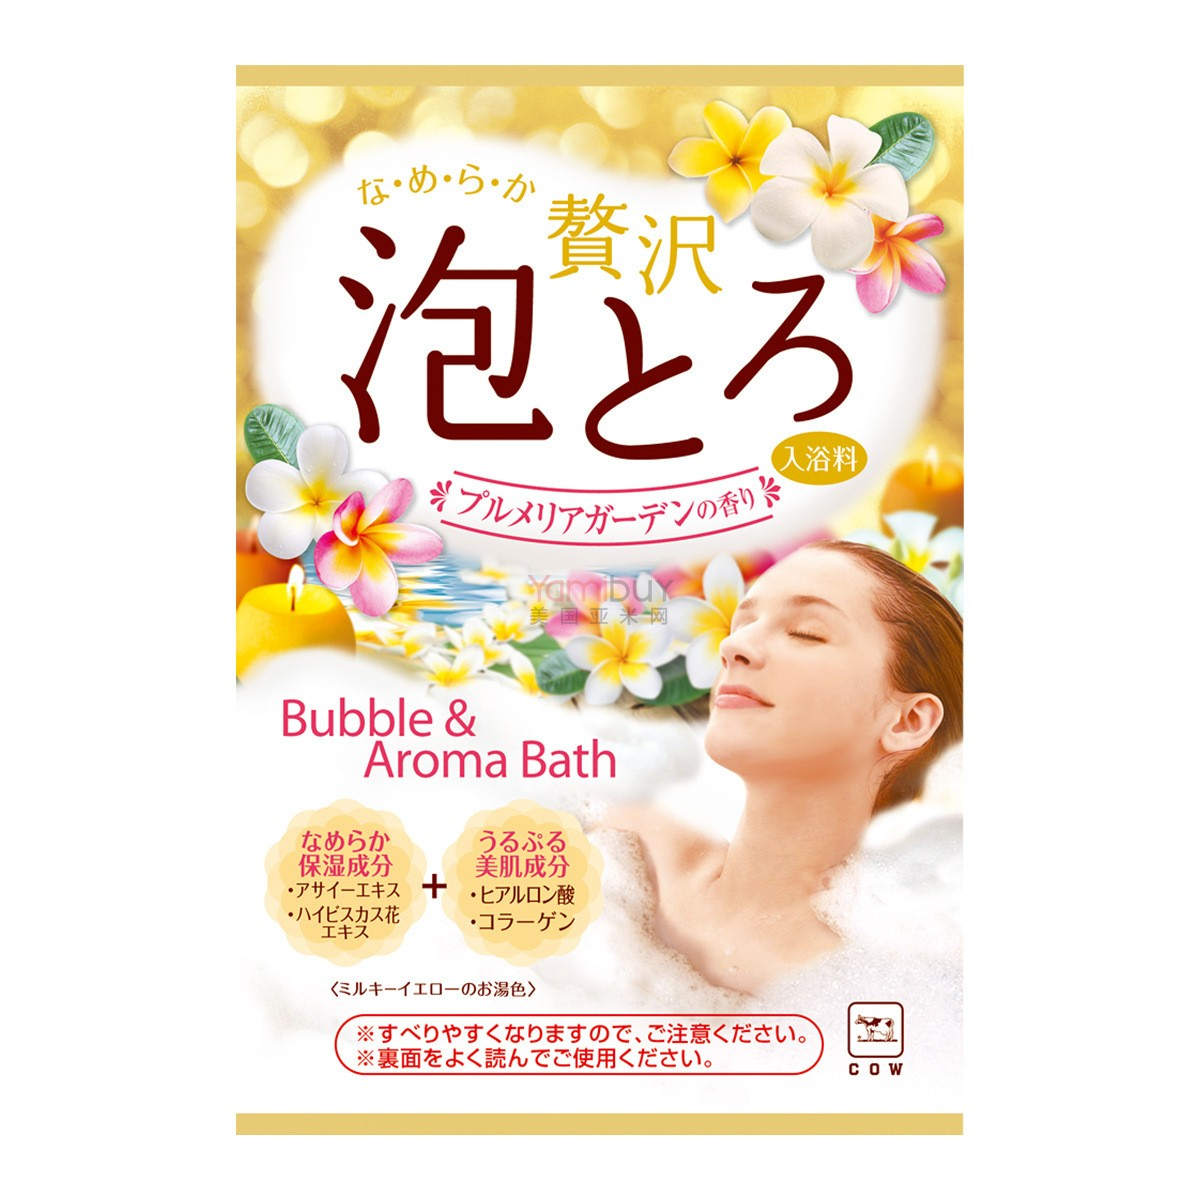 日本COW牛乳石鹸共进社 胶原美肌浓密泡泡入浴剂 #花香 30g